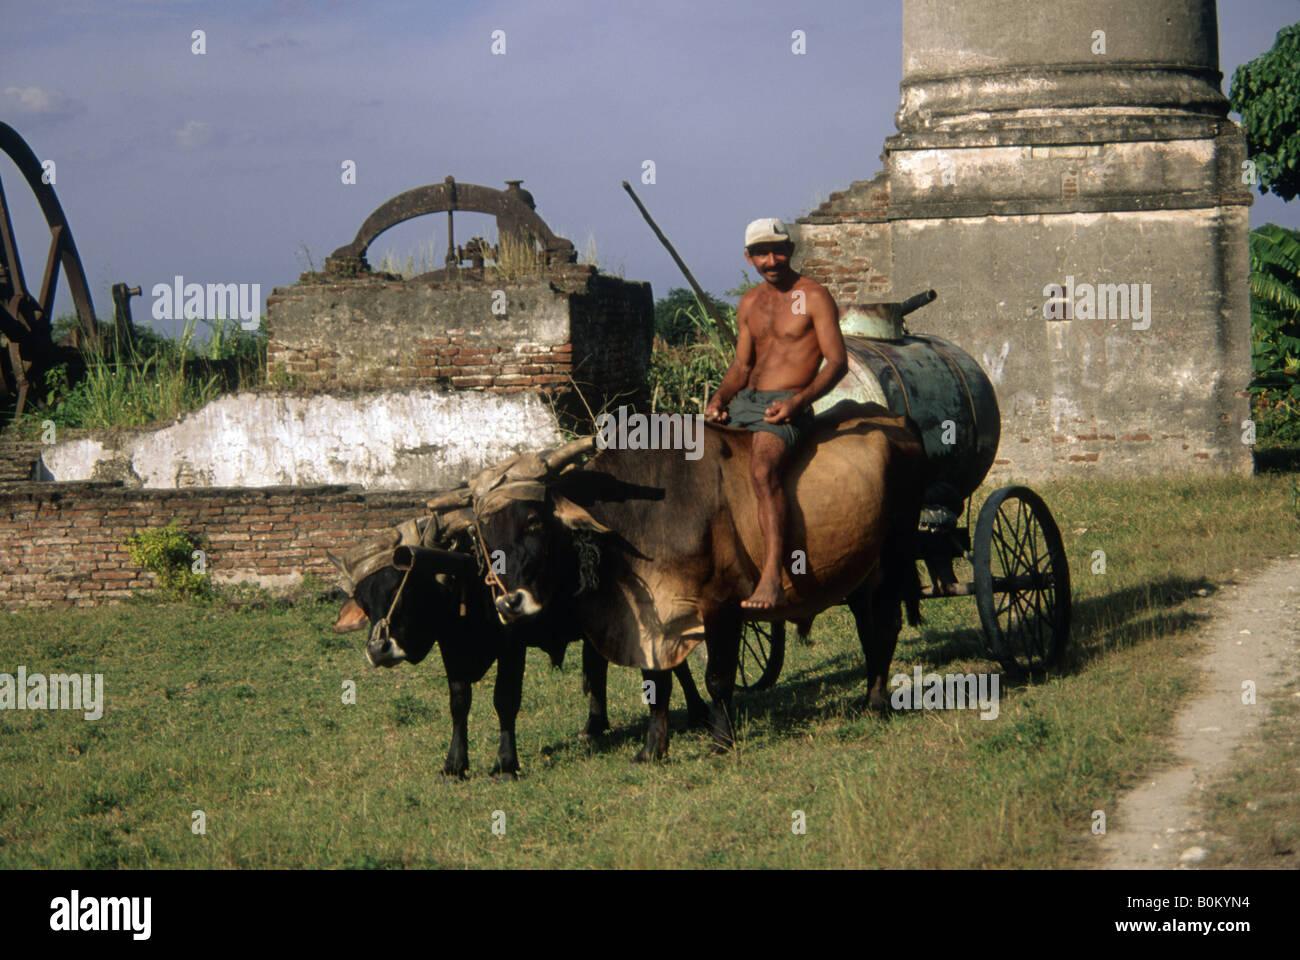 Guaimaro. Amigo Uboldo. Hombre sentado en la parte trasera de Buffalo. Detrás del carro. La hierba. Imagen De Stock